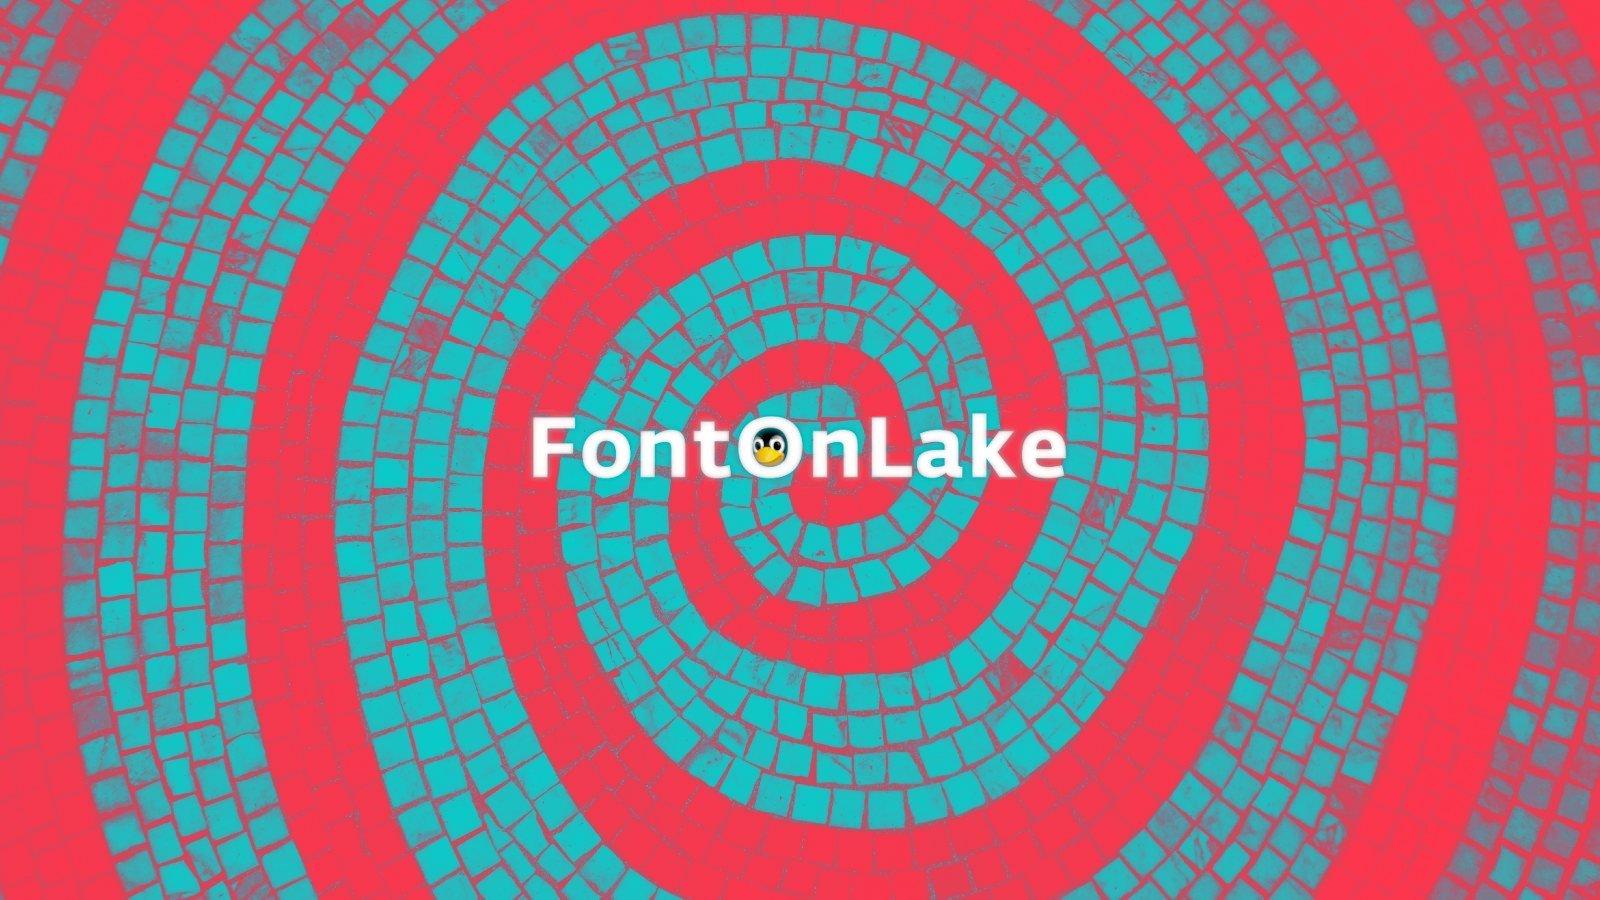 FontOnLake kötü amaçlı yazılımı, truva atlanmış yardımcı programlar aracılığıyla Linux sistemlerine bulaşıyor